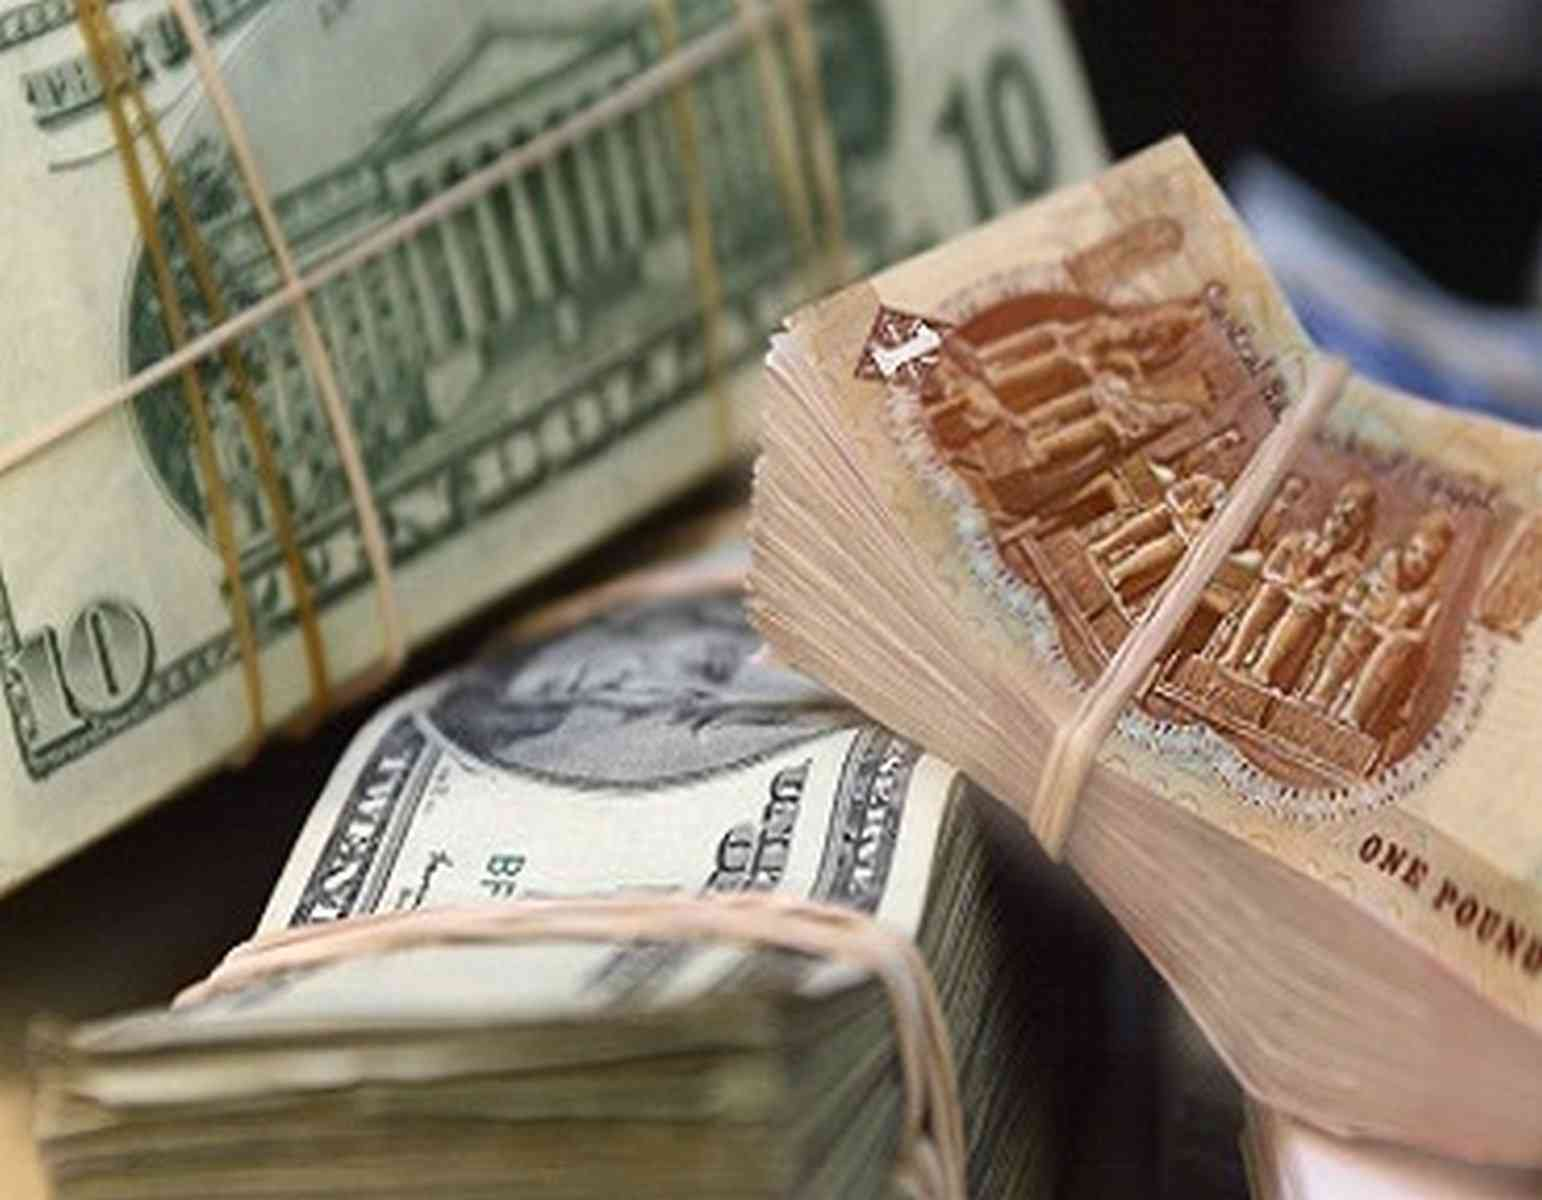 تعرف على سعر صرف الدولار مقابل الجنيه المصري اليوم الاقتصادي